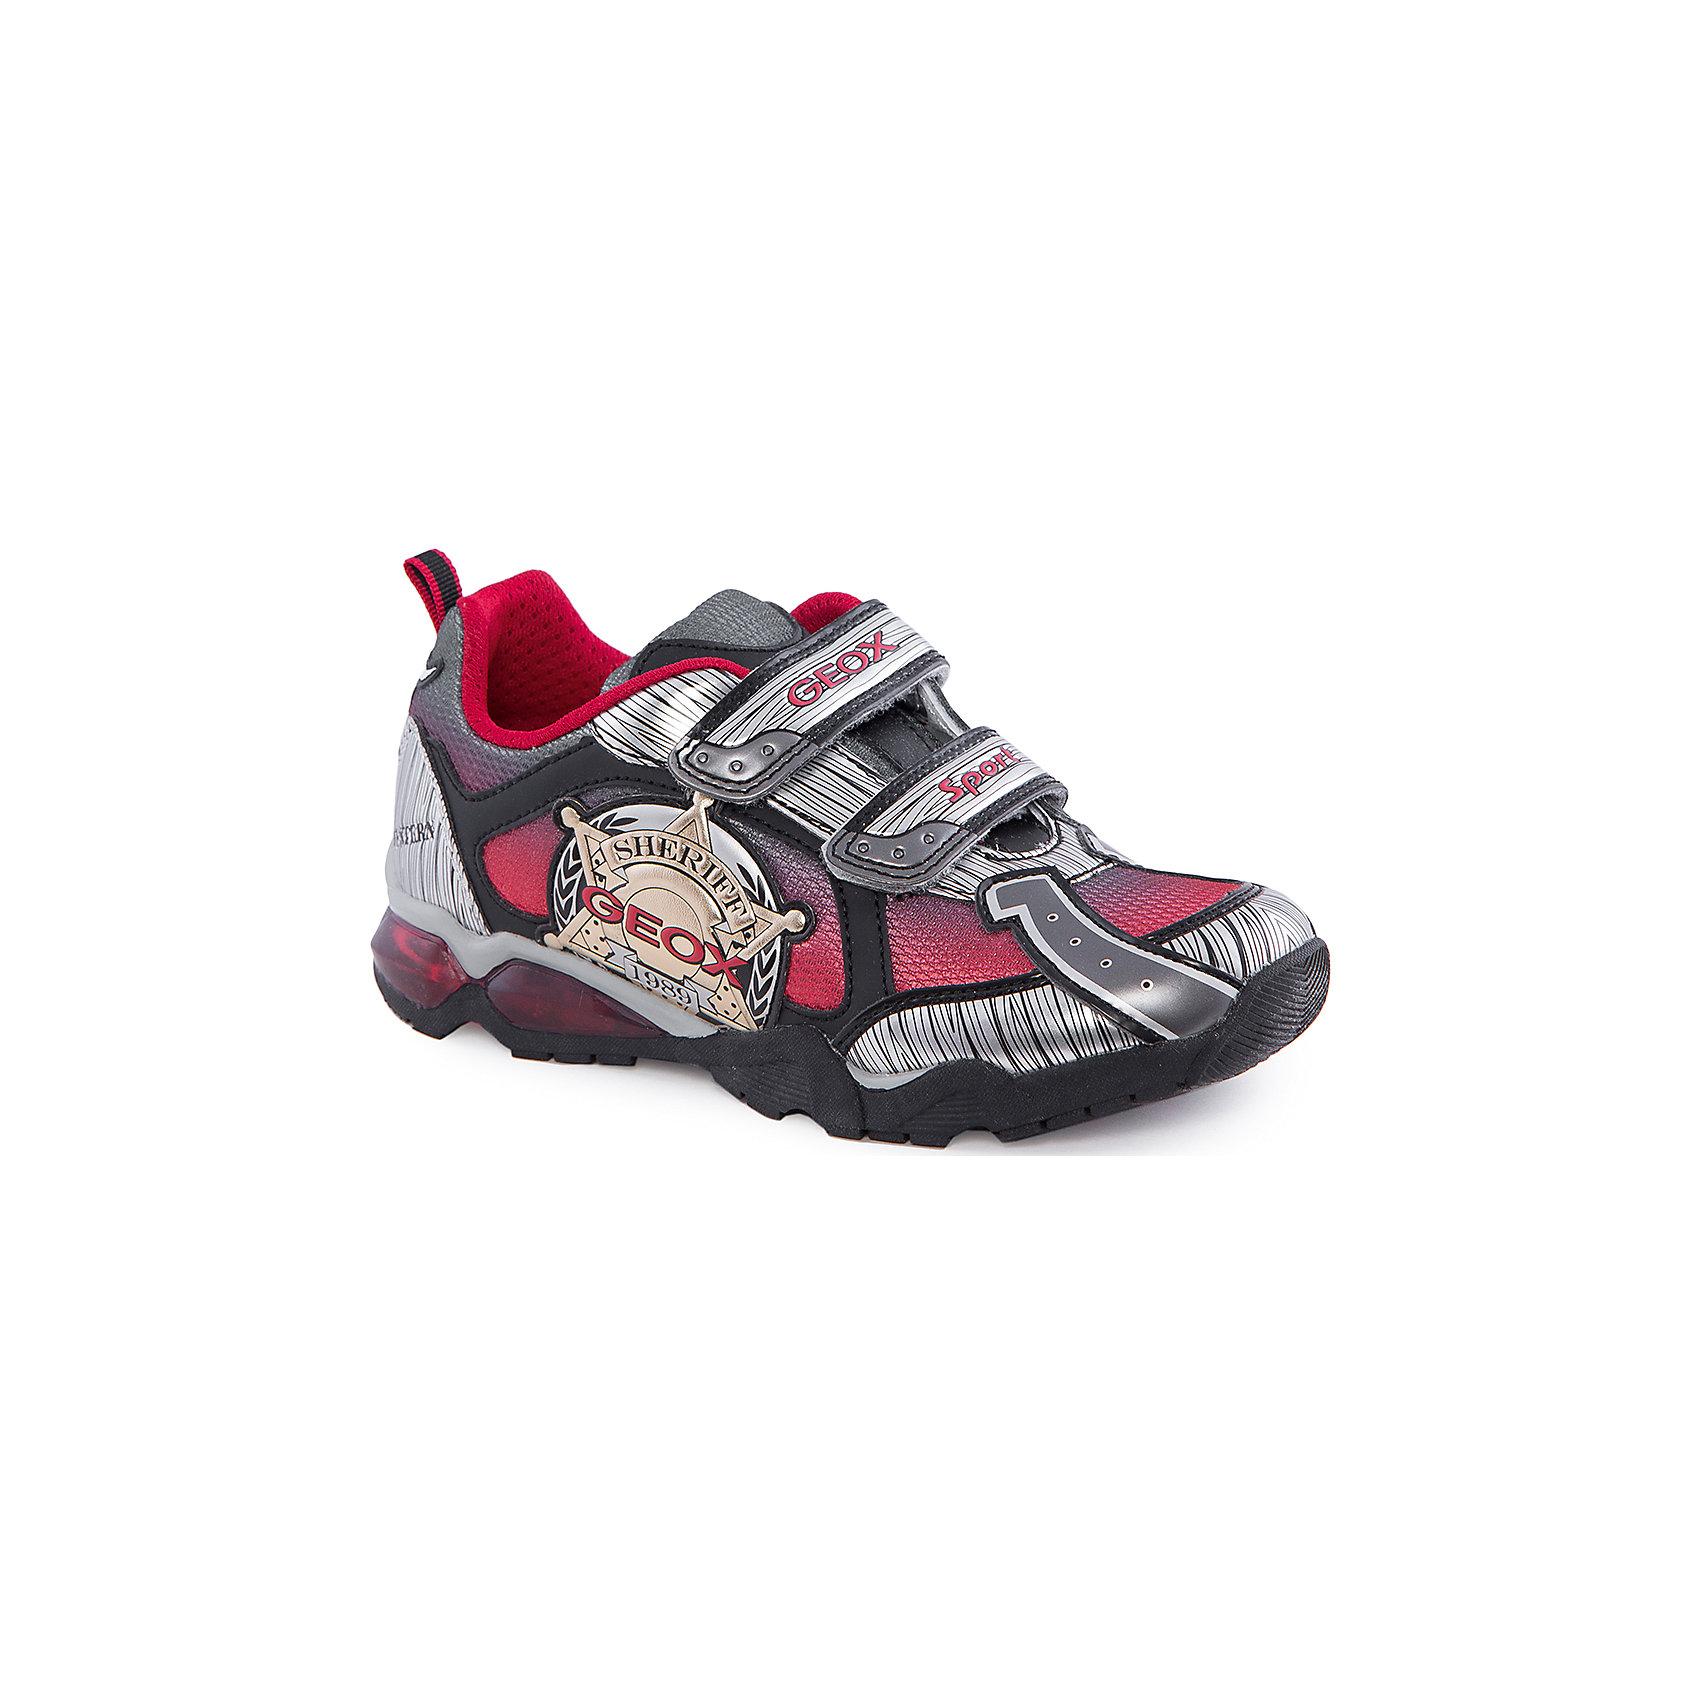 Кроссовки со светодиодами для мальчика GEOXКроссовки для мальчика от популярной марки GEOX (Геокс).<br><br>Эти модные и удобные кроссовки - отличная обувь для нового весеннего сезона. Модель очень стильно и оригинально смотрится.<br>Производитель обуви заботится не только о внешнем виде, но и стабильно высоком качестве продукции. GEOX (Геокс) разработал специальную дышащую подошву, которая не пропускает влагу внутрь, а также высокотехнологичную стельку.<br><br>Отличительные особенности модели:<br><br>- цвет: серебристый;<br>- декорированы аппликациями в тематике шериф;<br>- гибкая водоотталкивающая подошва с дышащей мембраной;<br>- мягкий и легкий верх;<br>- защита пальцев и пятки;<br>- стильный дизайн;<br>- удобная застежка-липучка;<br>- комфортное облегание;<br>- верх обуви и подкладка сделаны без использования хрома.<br><br>Дополнительная информация:<br><br>- Температурный режим: от +10° С до 25° С.<br><br>- Состав:<br><br>материал верха: текстиль, синтетический материал<br>материал подкладки: текстиль<br>подошва: 100% резина<br><br>Кроссовки для мальчика GEOX (Геокс) (Геокс) можно купить в нашем магазине.<br><br>Ширина мм: 250<br>Глубина мм: 150<br>Высота мм: 150<br>Вес г: 250<br>Цвет: серебряный<br>Возраст от месяцев: 24<br>Возраст до месяцев: 36<br>Пол: Мужской<br>Возраст: Детский<br>Размер: 26,28,29,30,31,33,34,32,35,27<br>SKU: 4519367